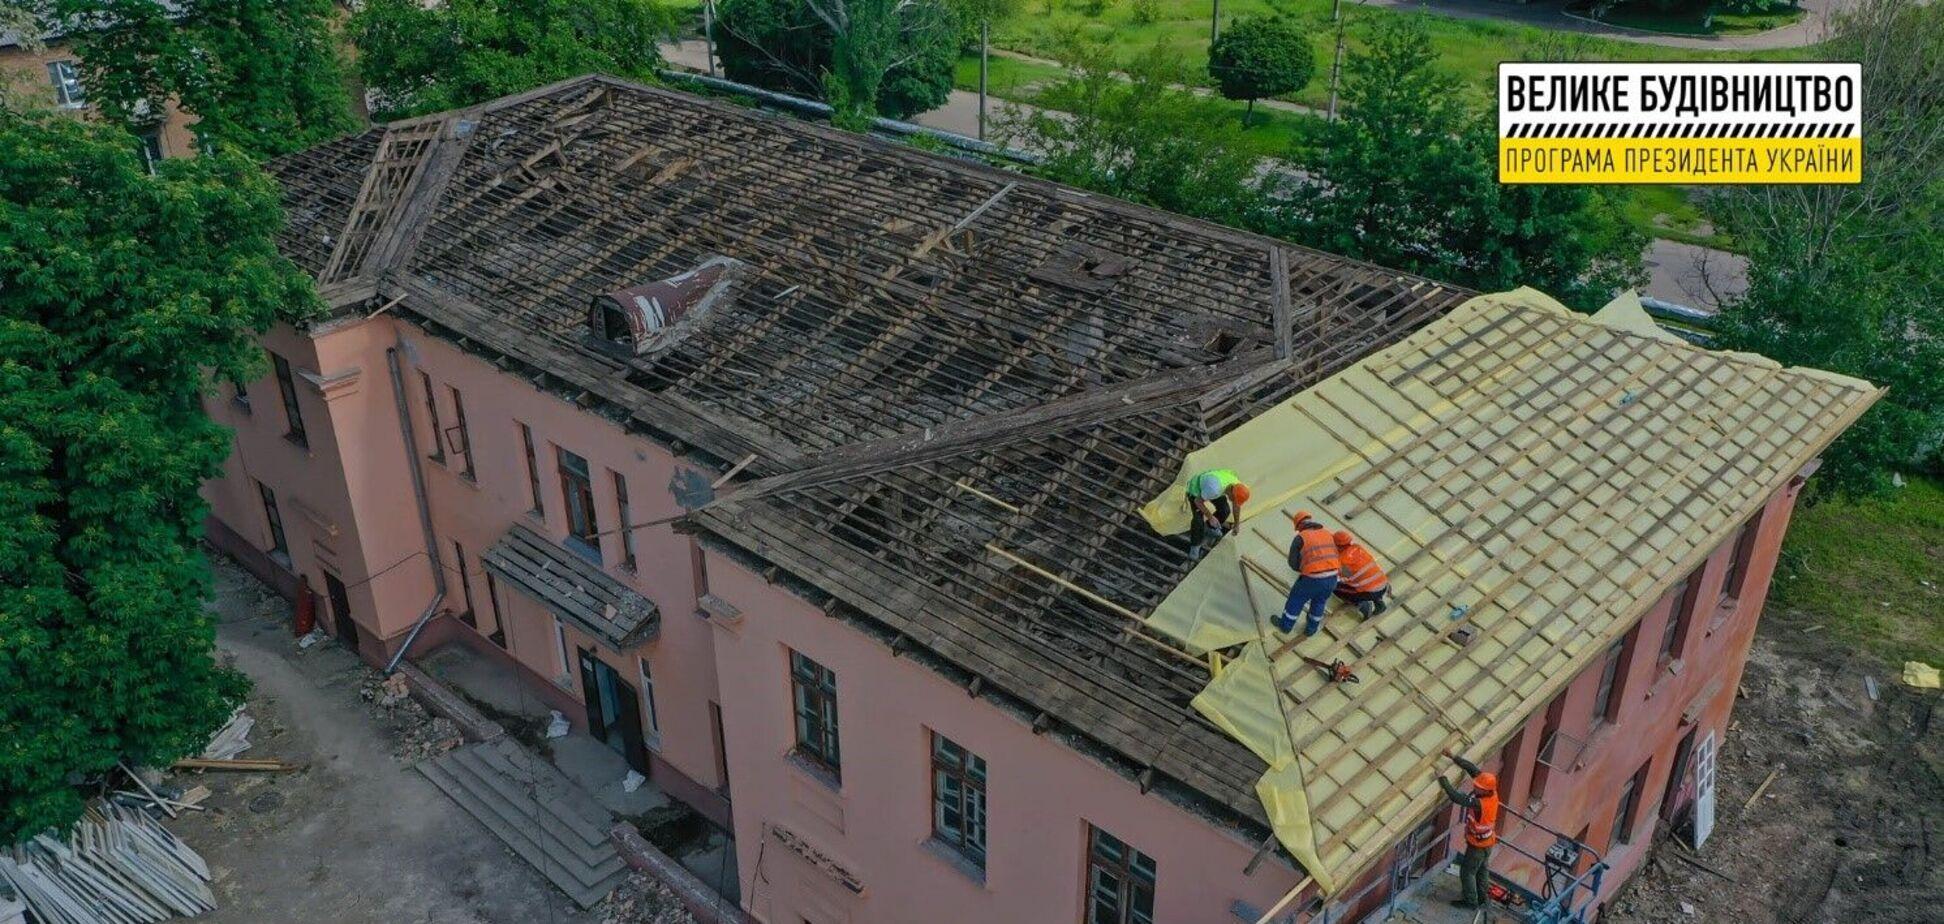 В Александрийской городской центральной больницы №1 начался капитальный ремонт по программе 'Большая стройка'